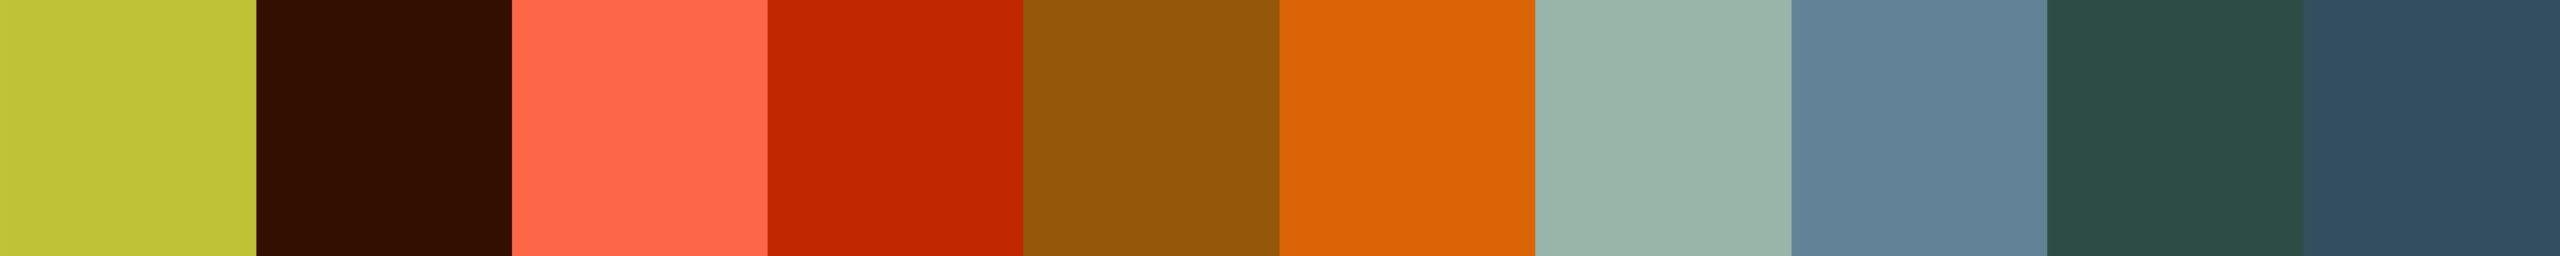 662 Krelia Color Palette